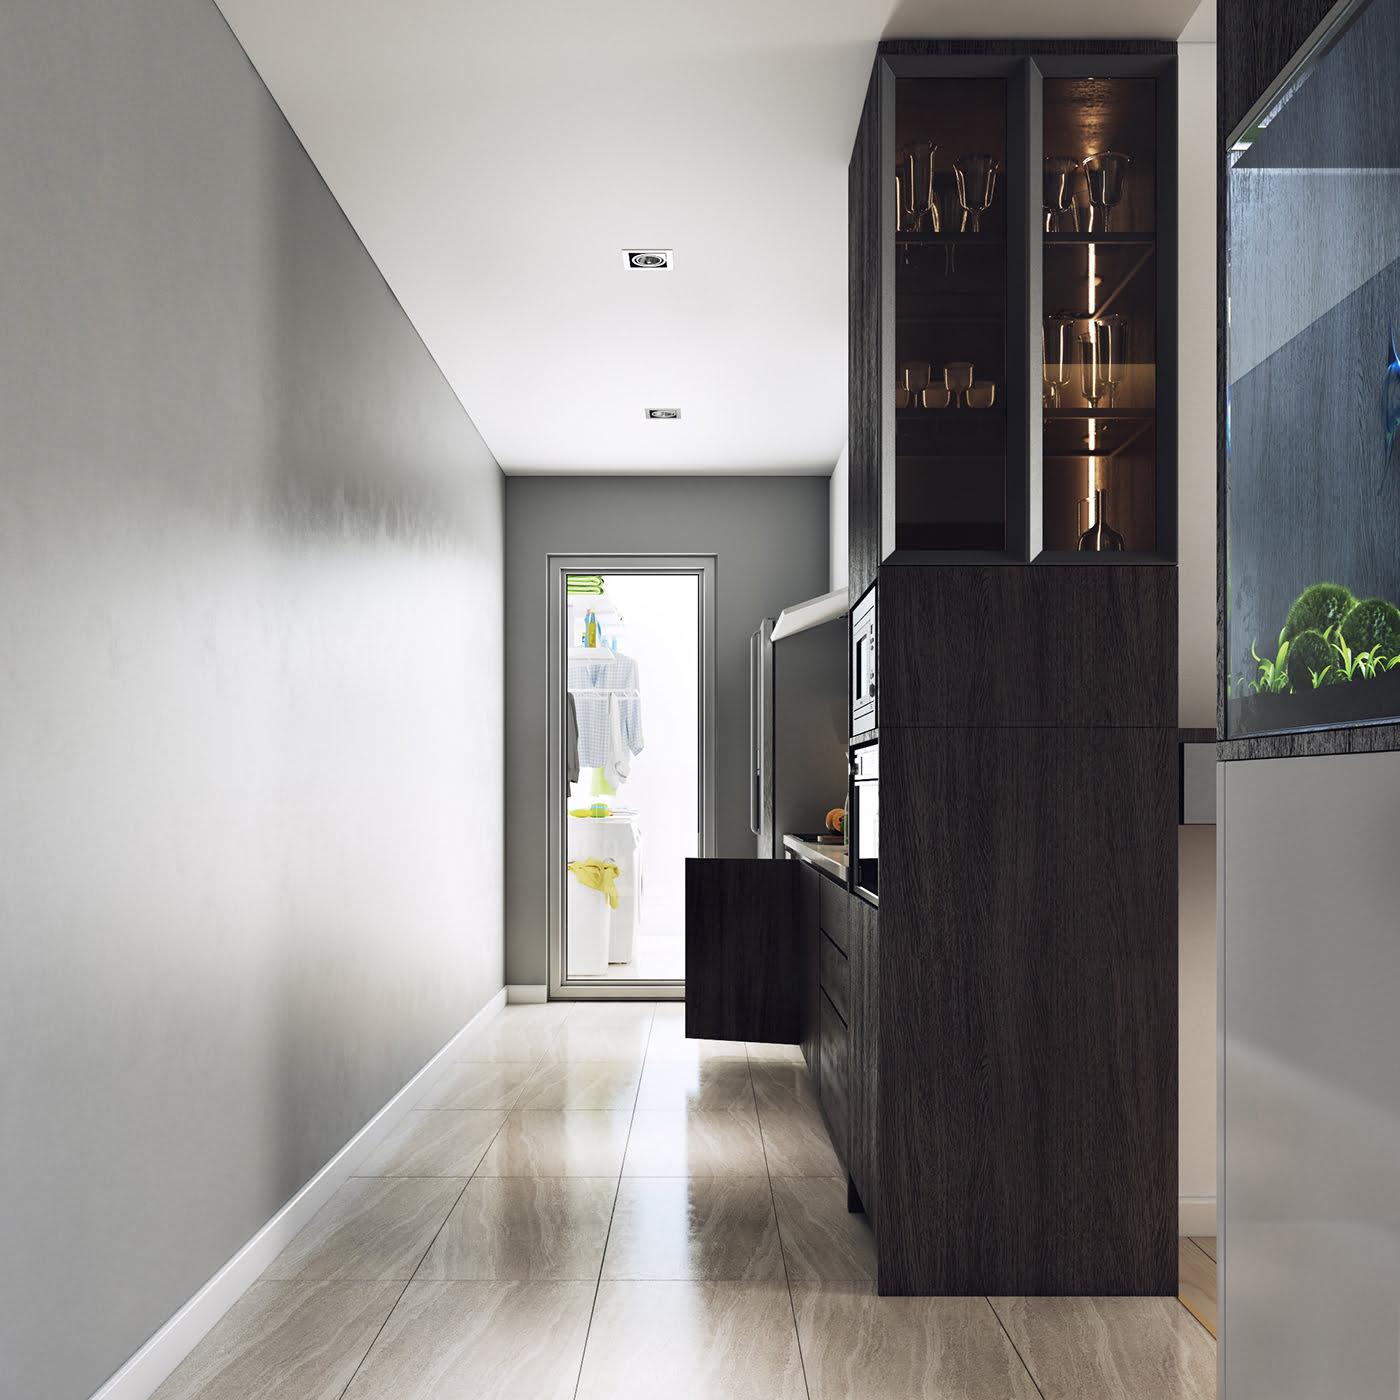 thiết kế nội thất chung cư hiện đại 19